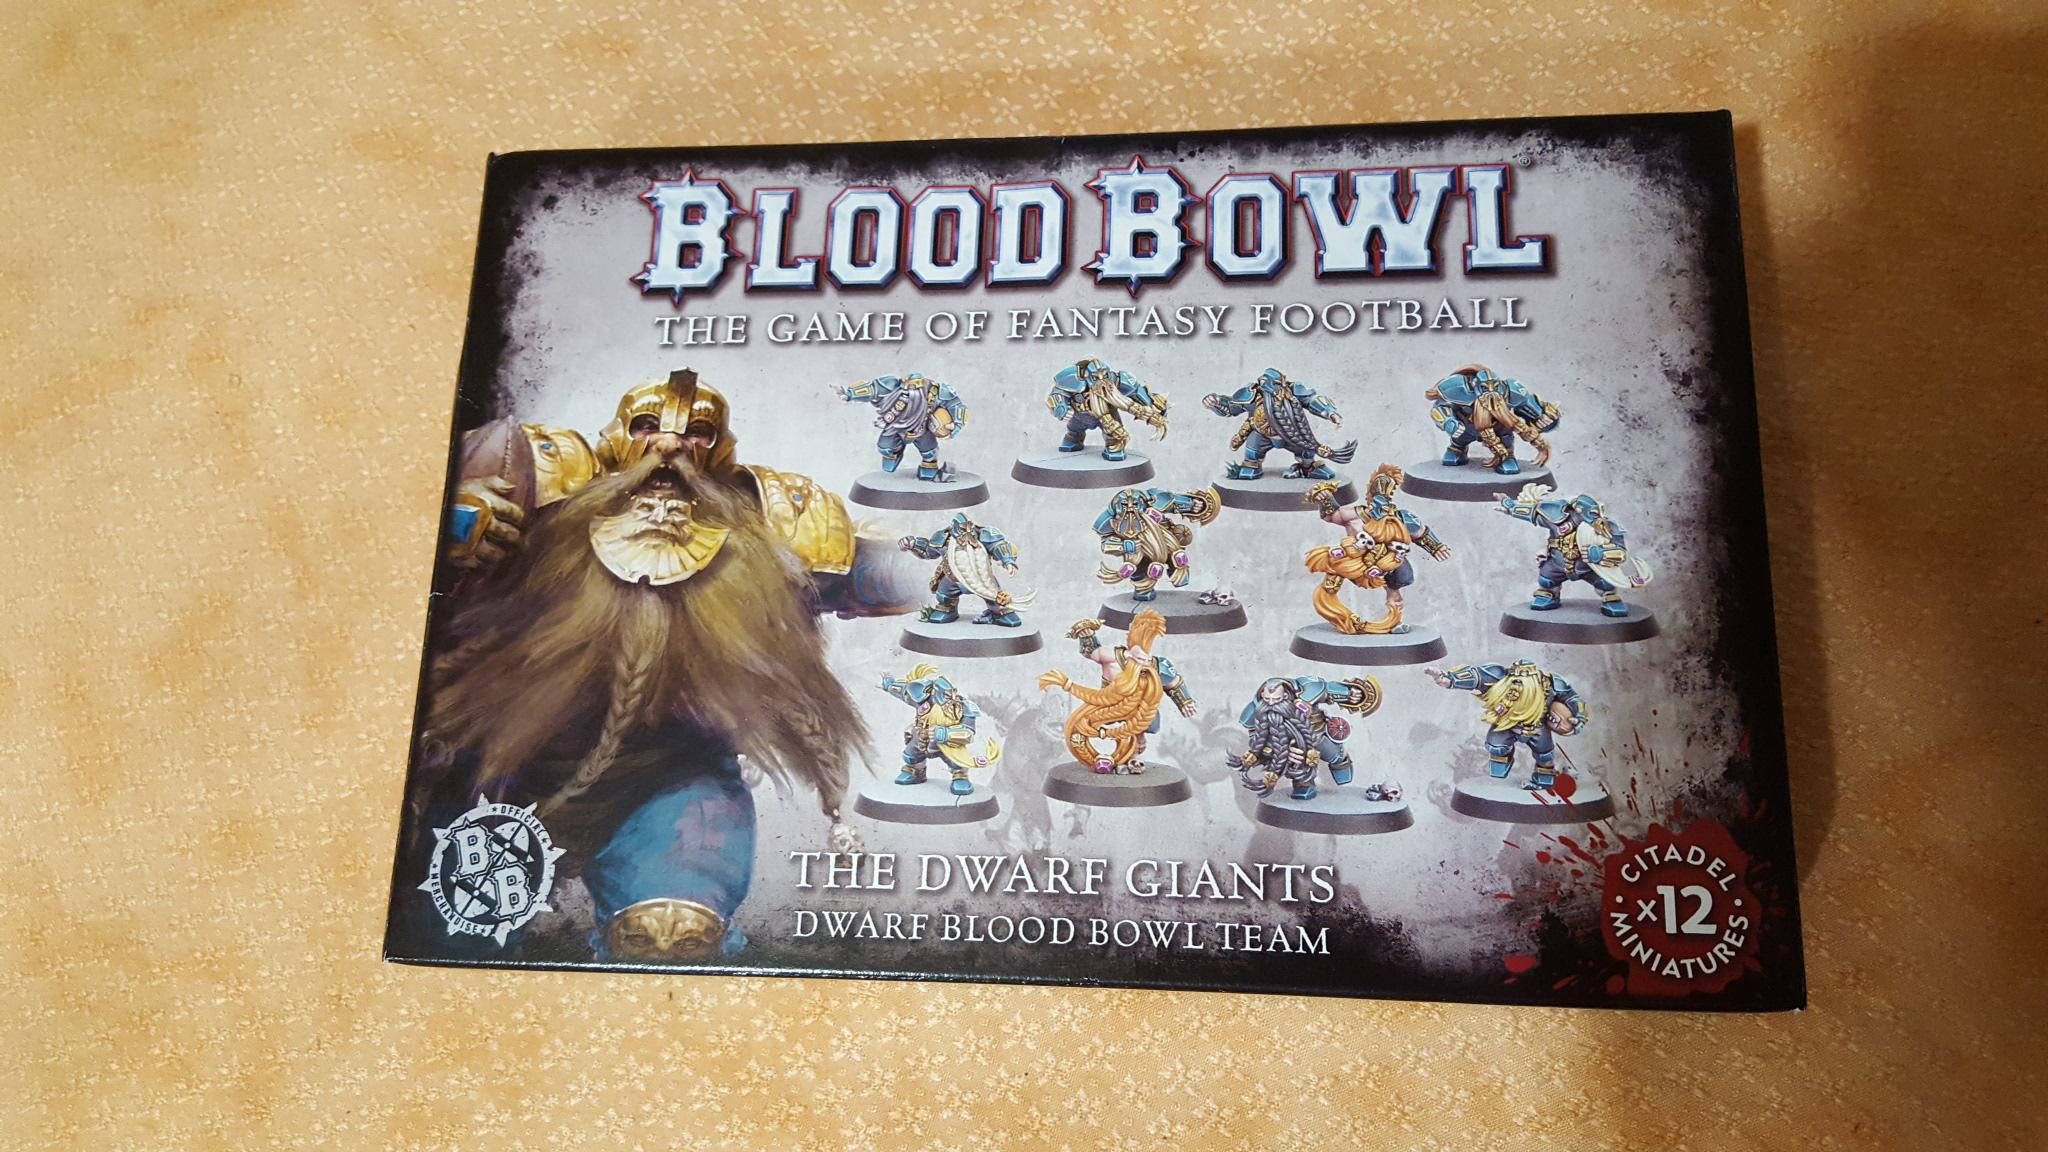 Blood Bowl 2016 - the dwarf giants (équipe de nains)